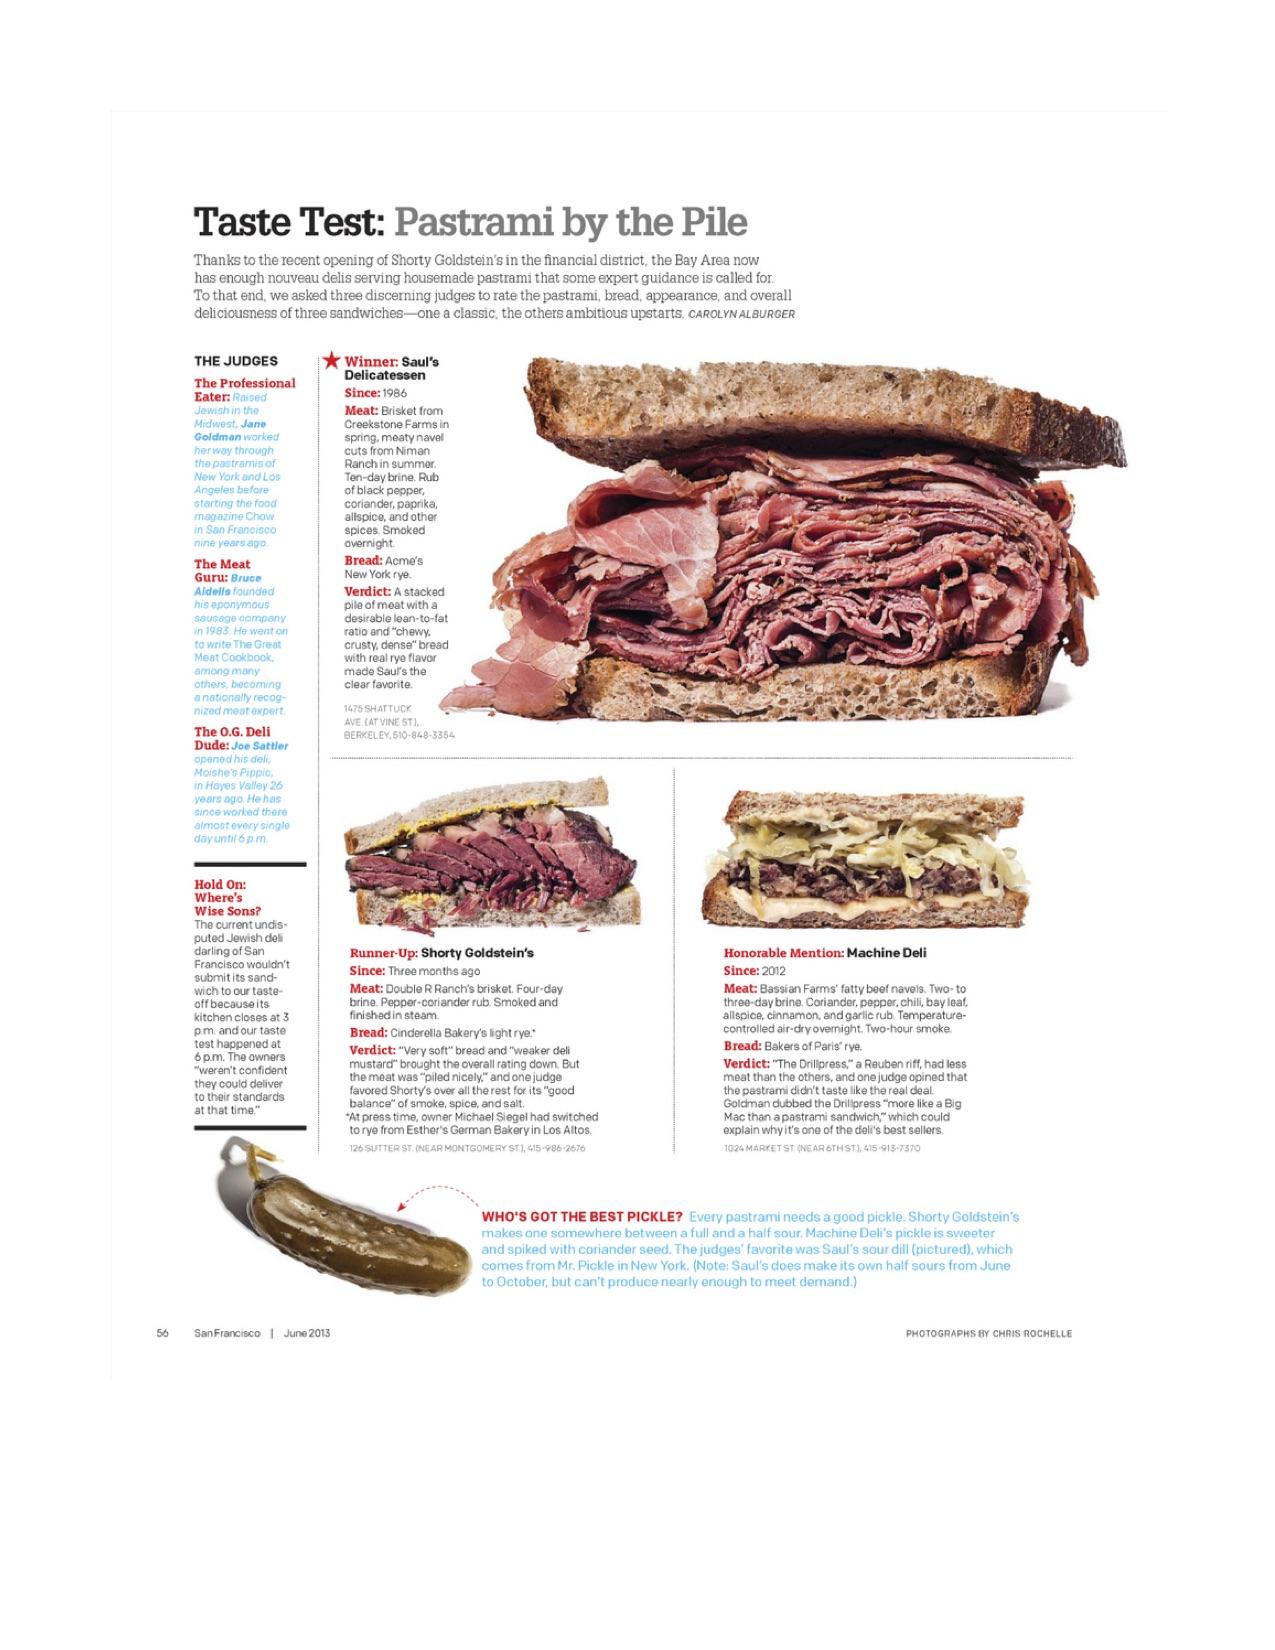 SF Magazine Pastrami Taste Test June 2013.jpg